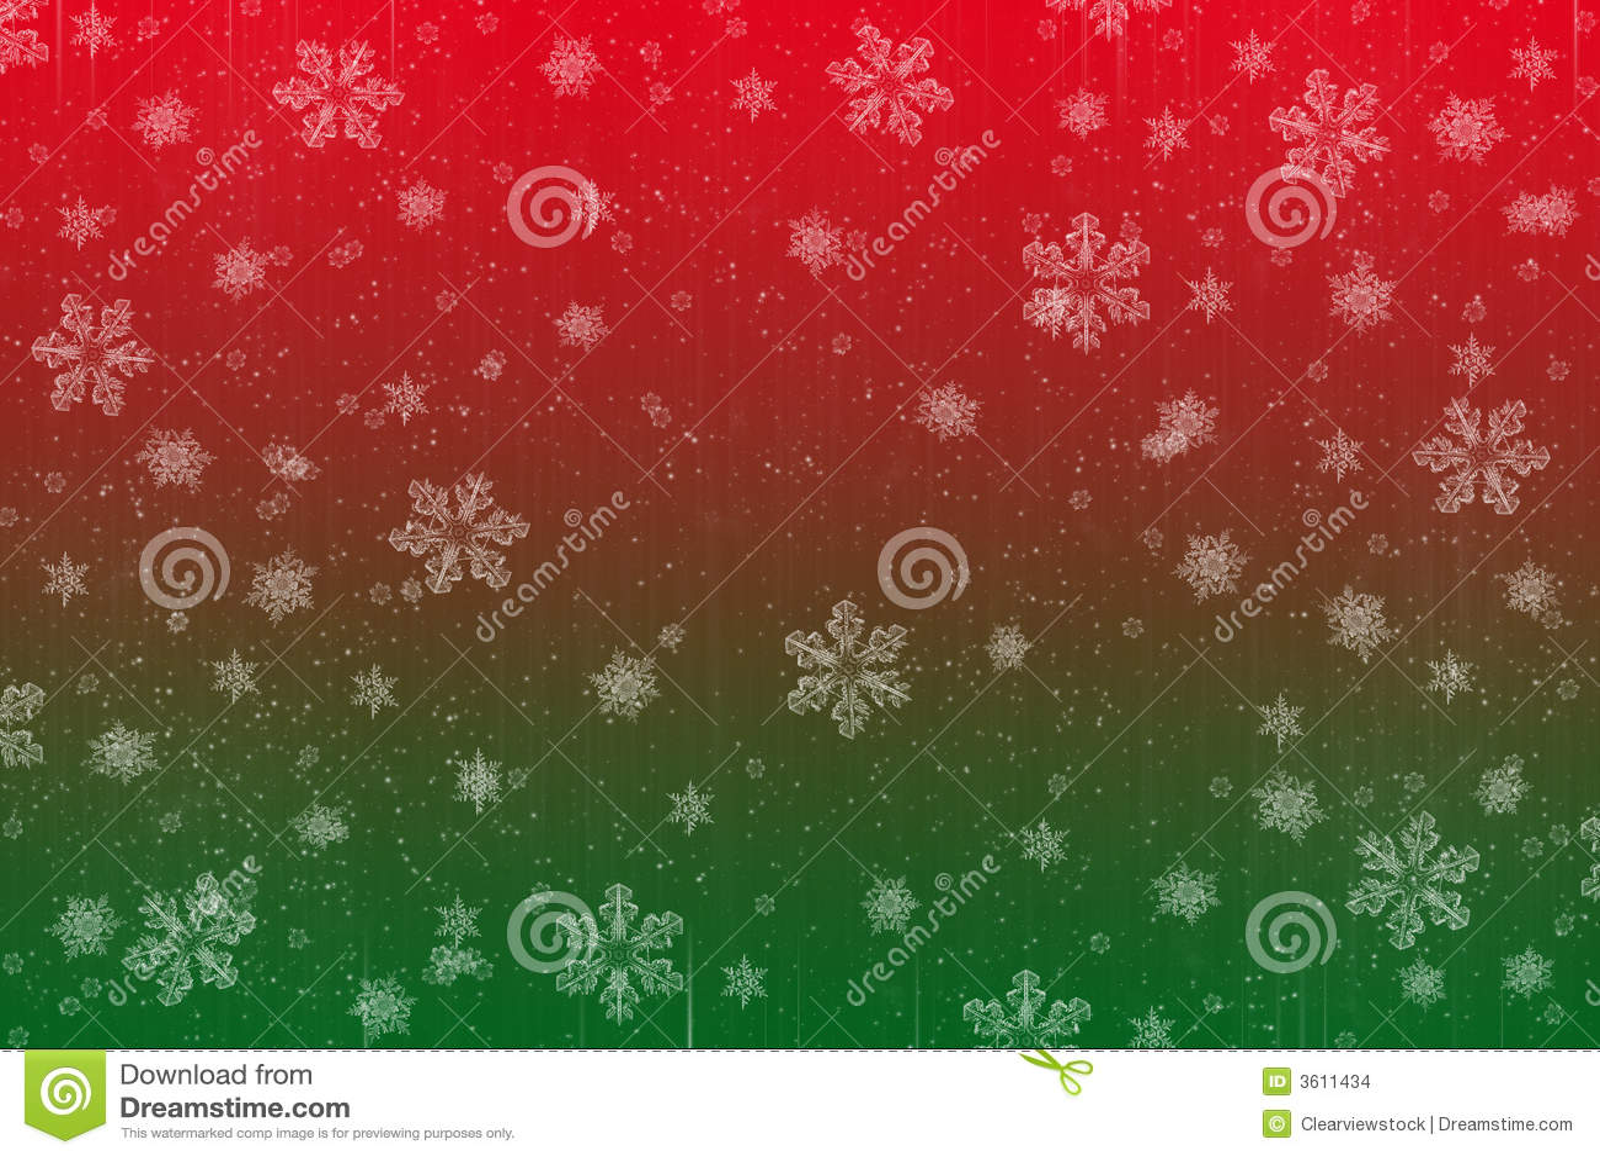 Weihnachtenschnee-Szenenkarte Stock Abbildung - Illustration von ...